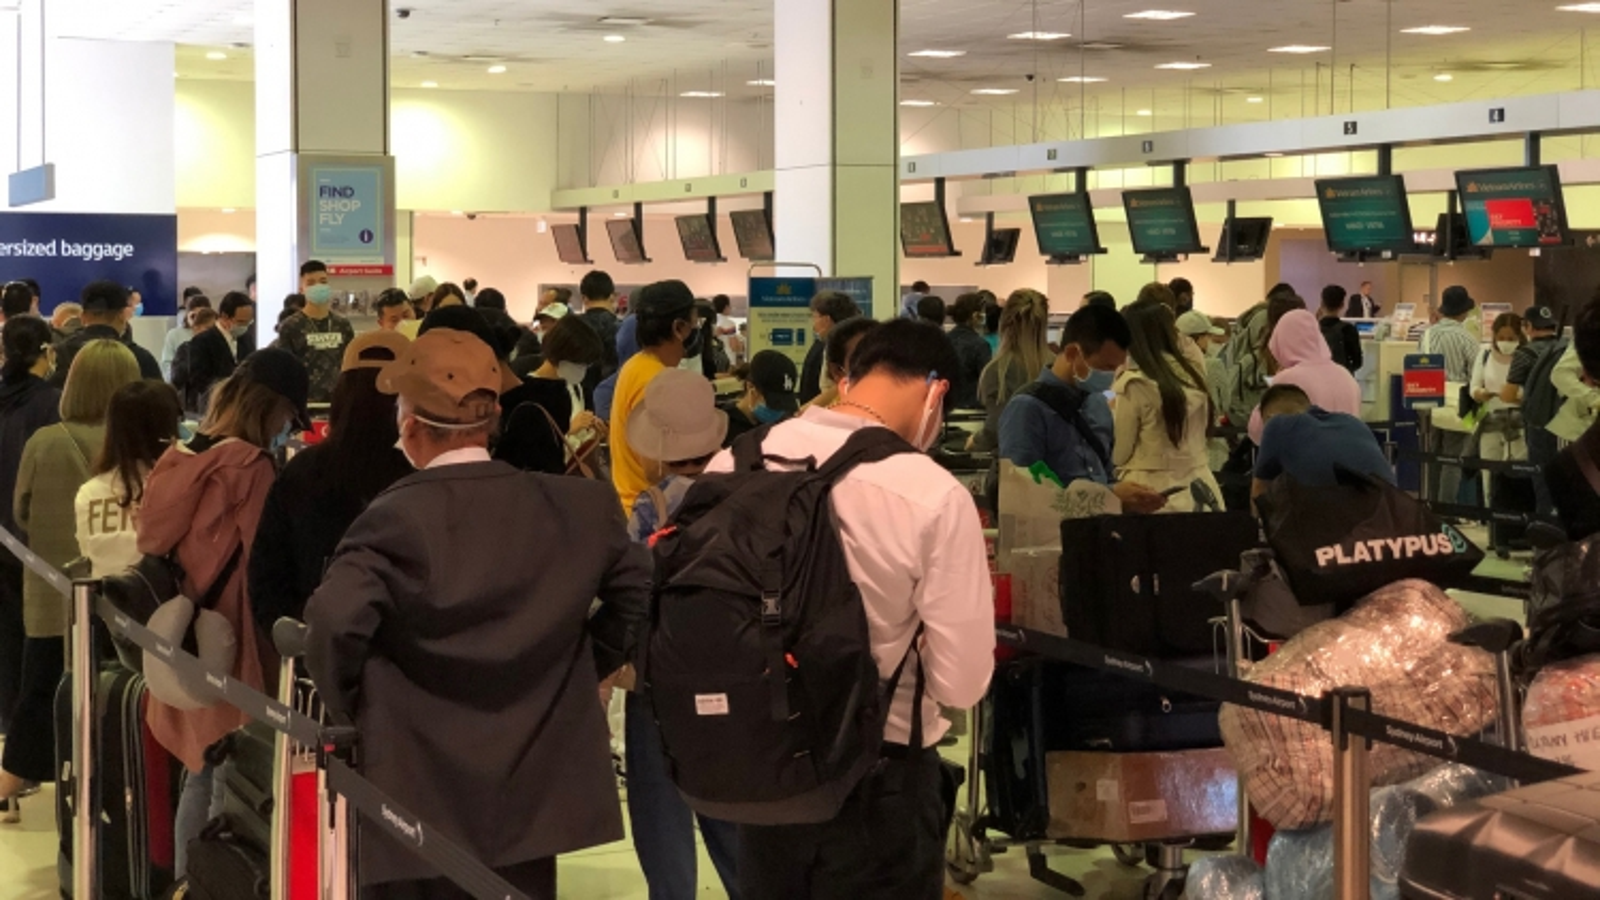 Ngày 1/6 có chuyến bay đưa người Việt ở Australia, New Zealand về nước